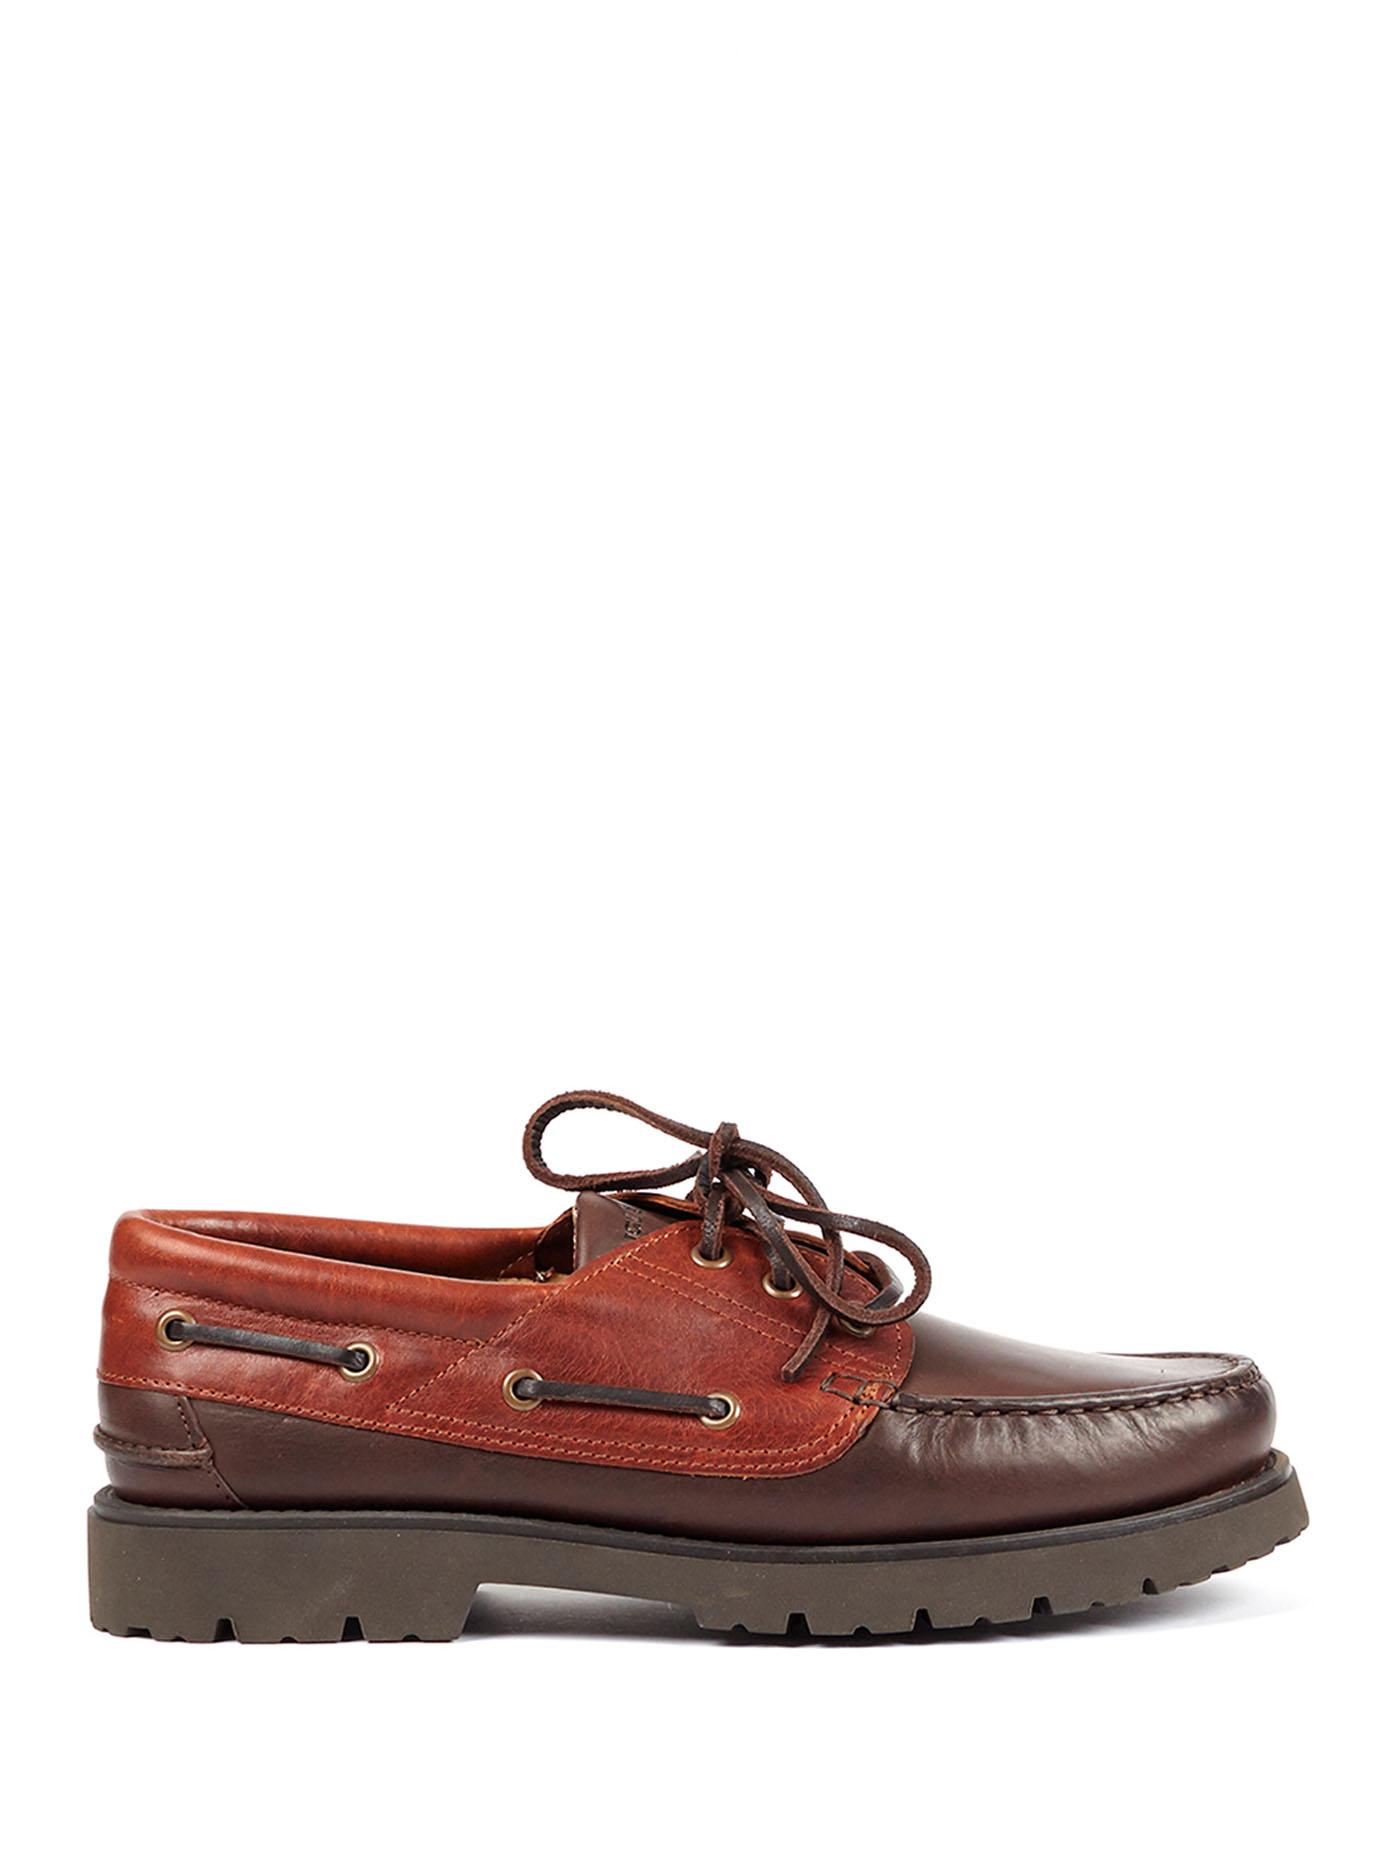 Chaussures bateau pour homme en cuir | Aigle